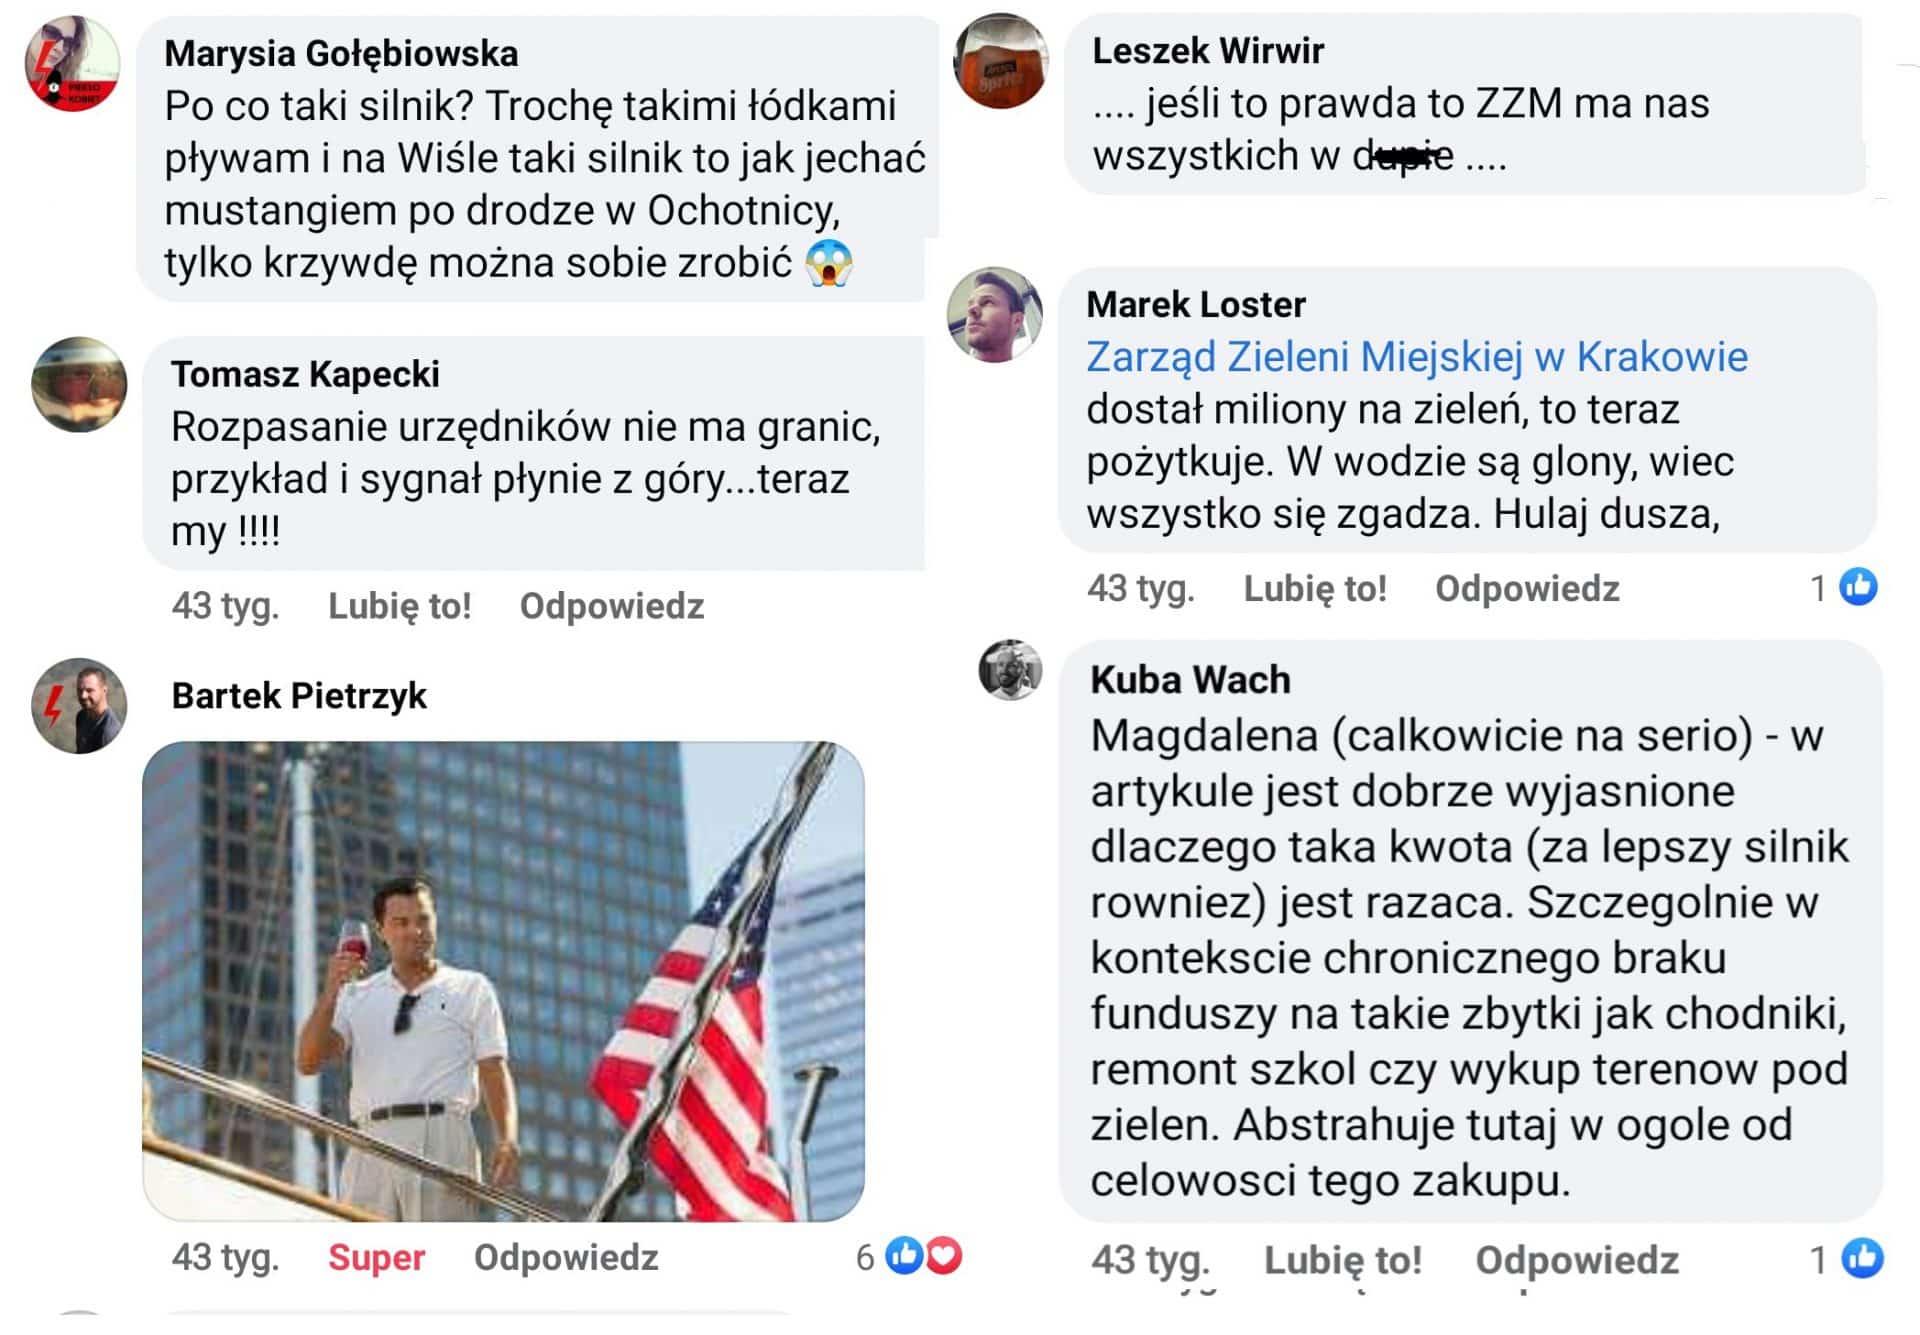 Krakowianie oceniają pracę urzędników Zarządu Zieleni Miejskiej w Krakowie. Zakup motorówki.